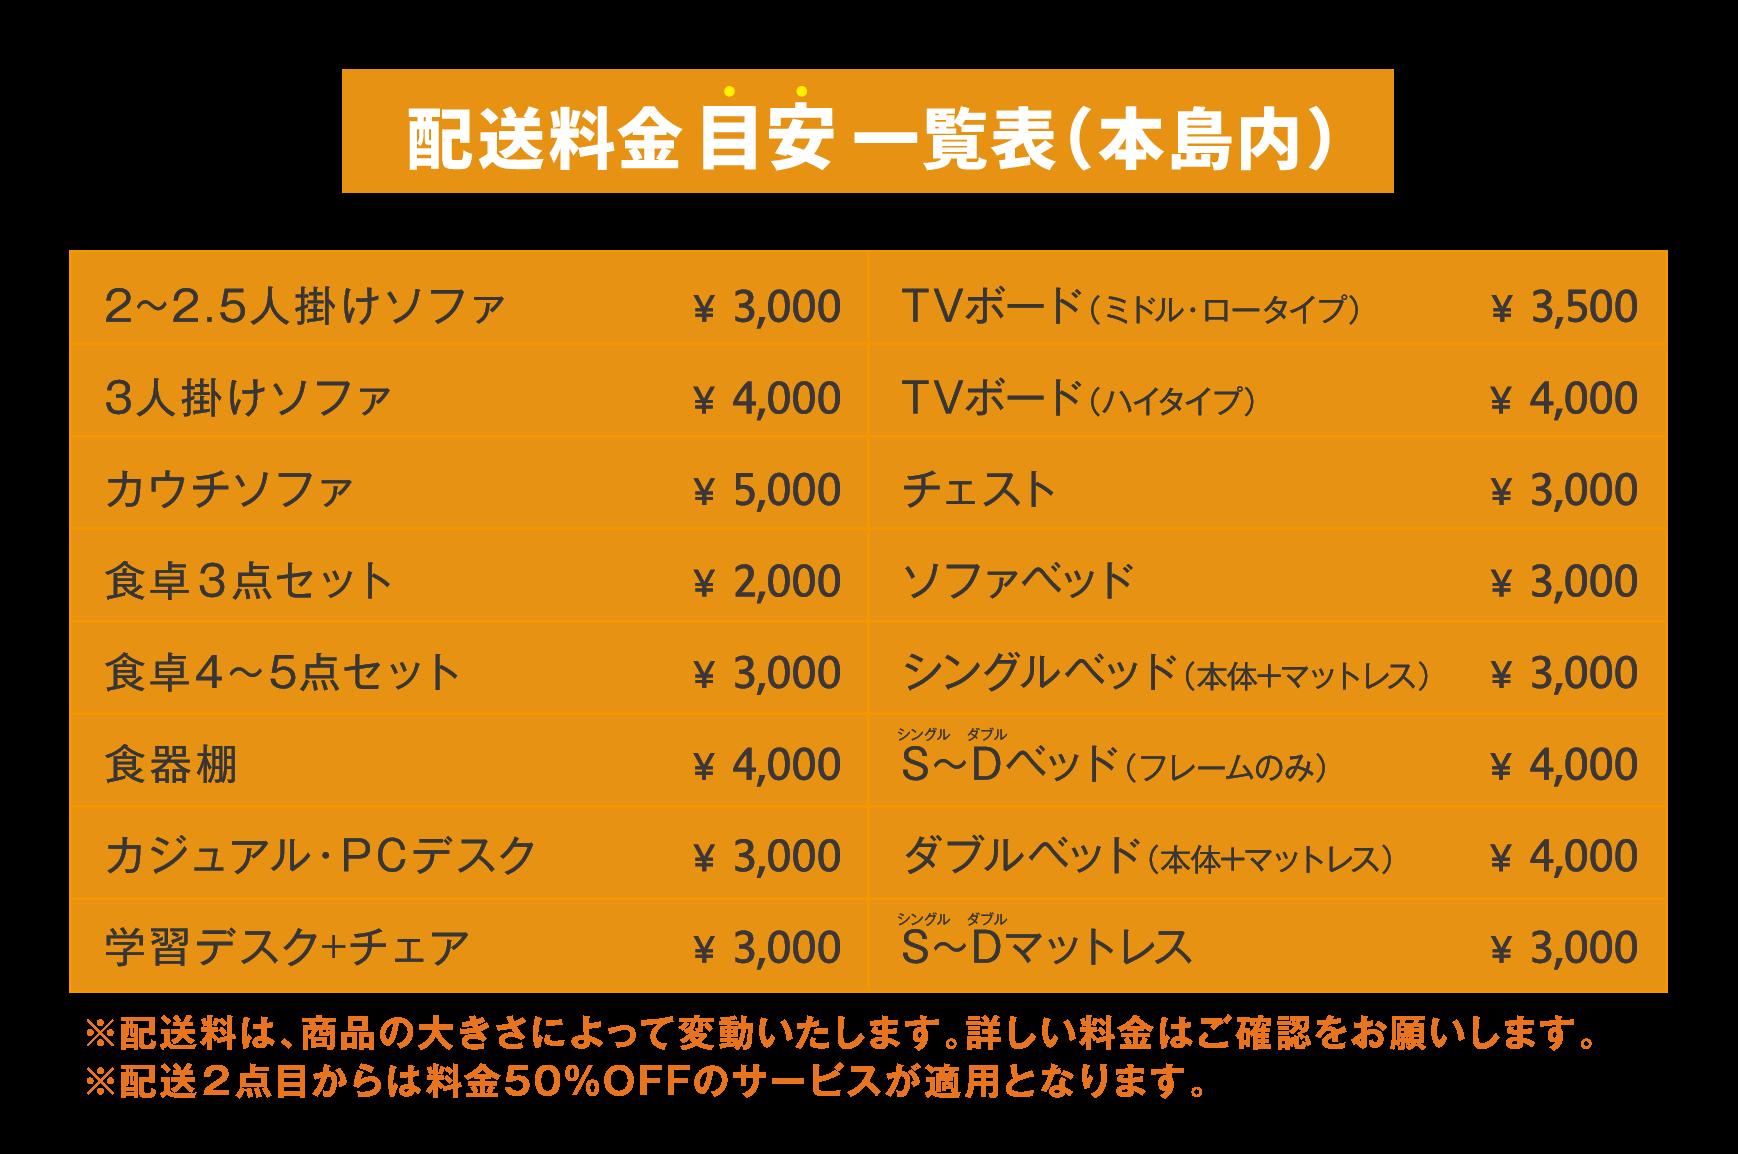 配送料目安一覧表(本島内)